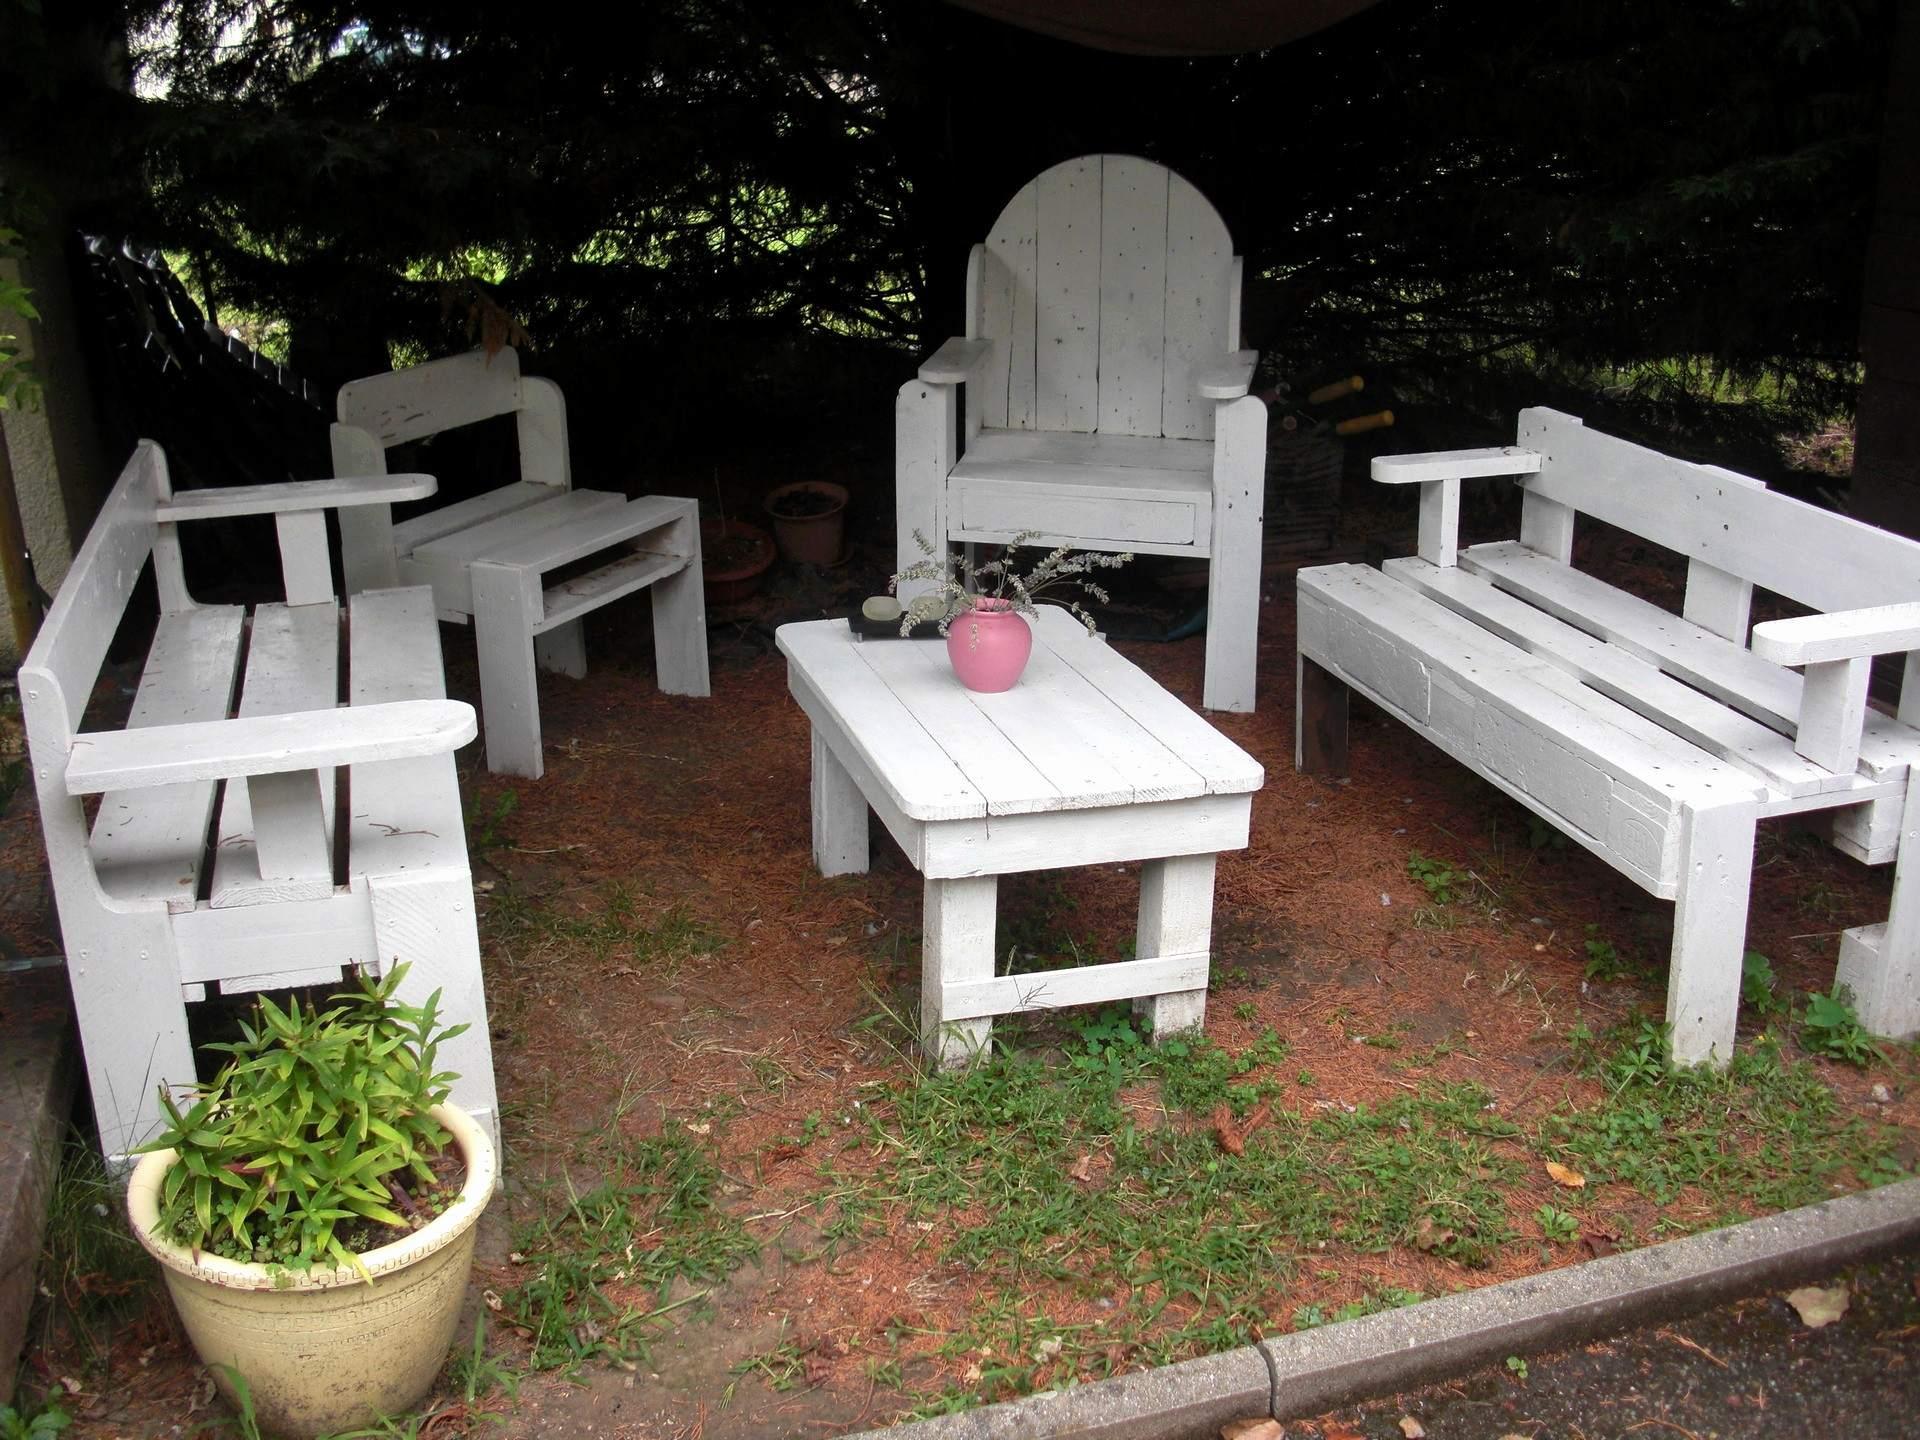 Balancelle Pas Cher Gifi Meilleur De Stock Table De Jardin Gifi Moderne Balancelle Jardin Pas Cher Ainsi Que